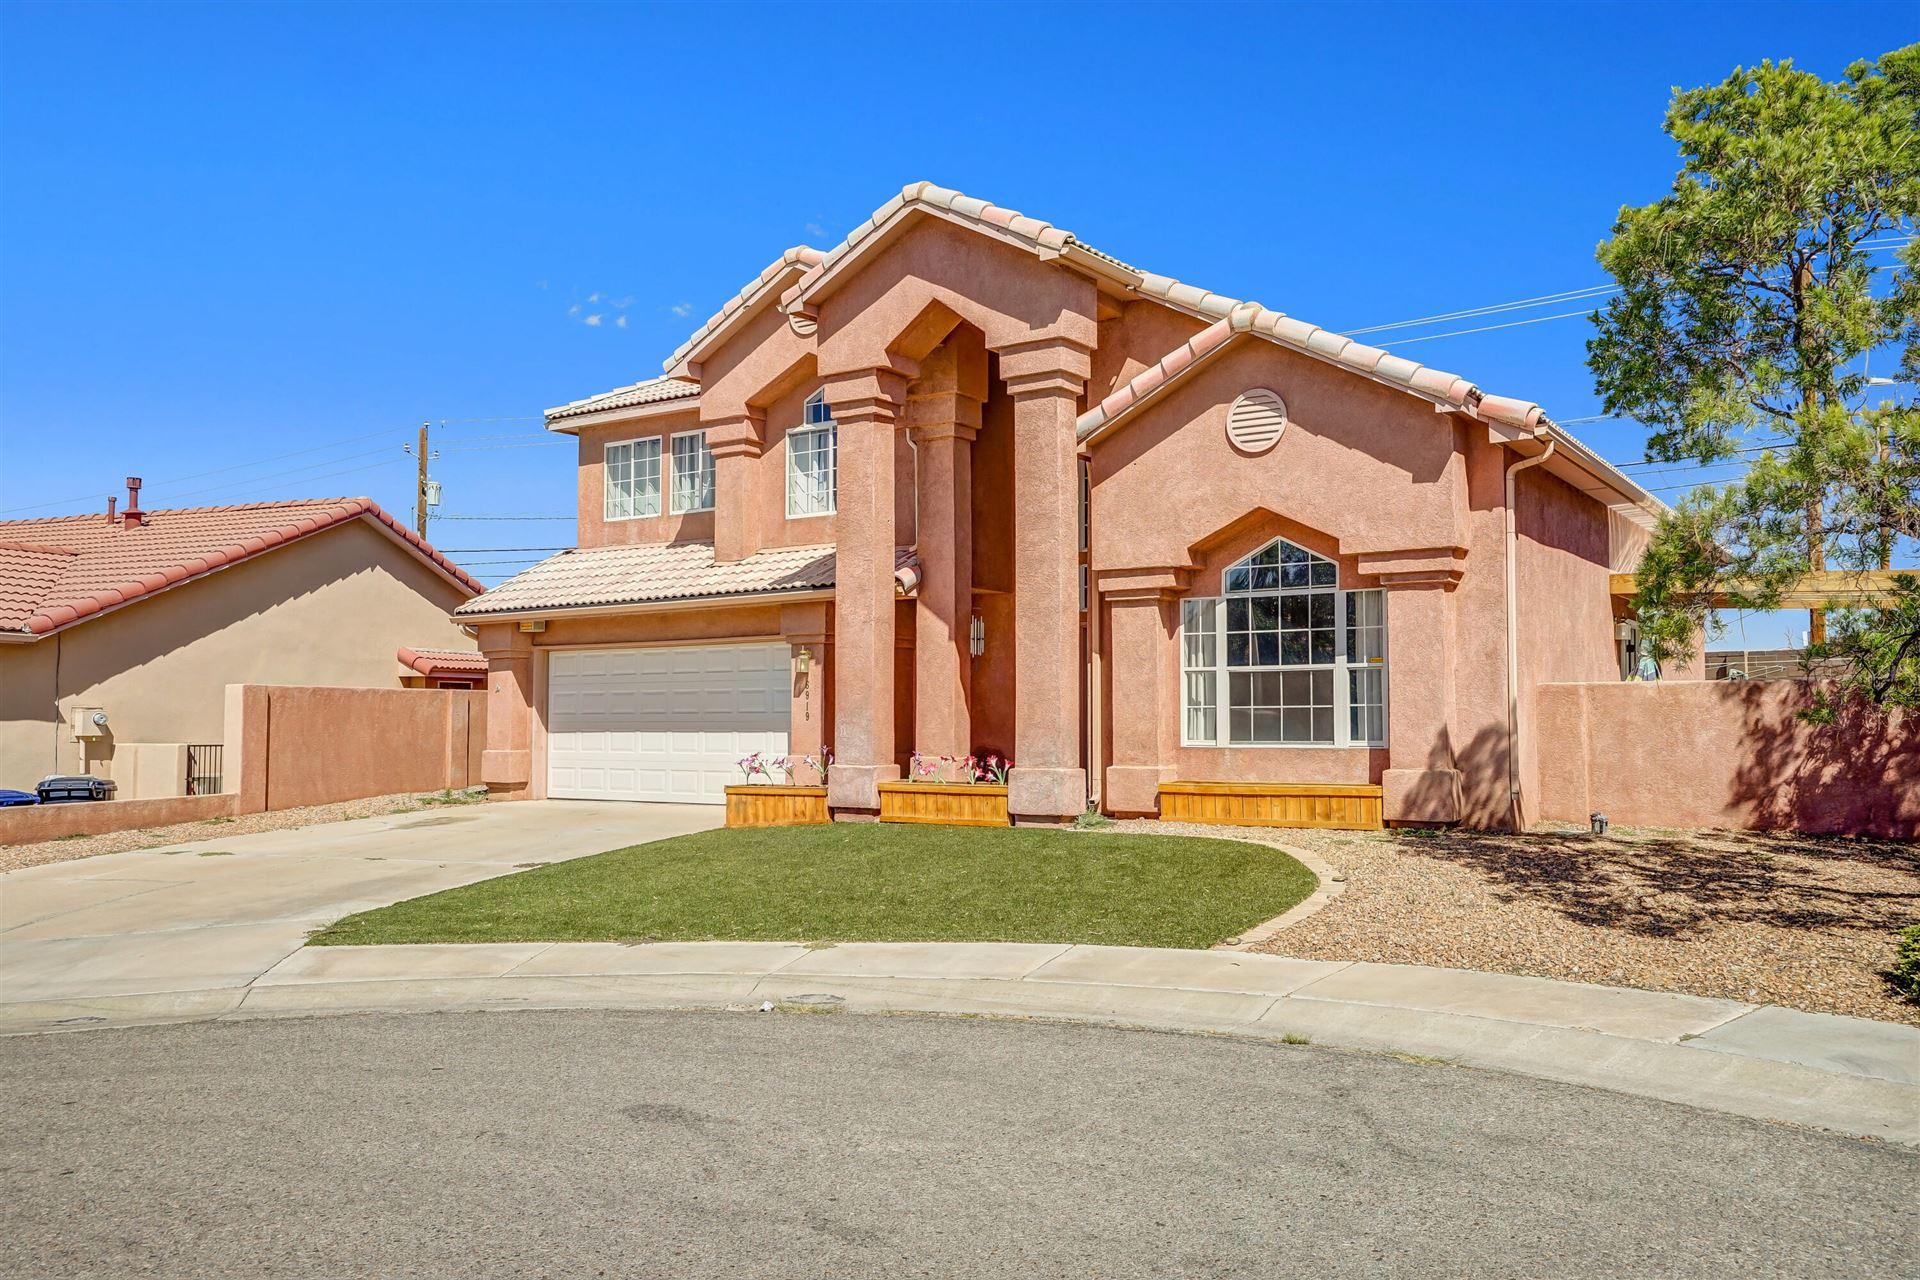 Photo of 6919 TESORO Place NE, Albuquerque, NM 87113 (MLS # 1001504)